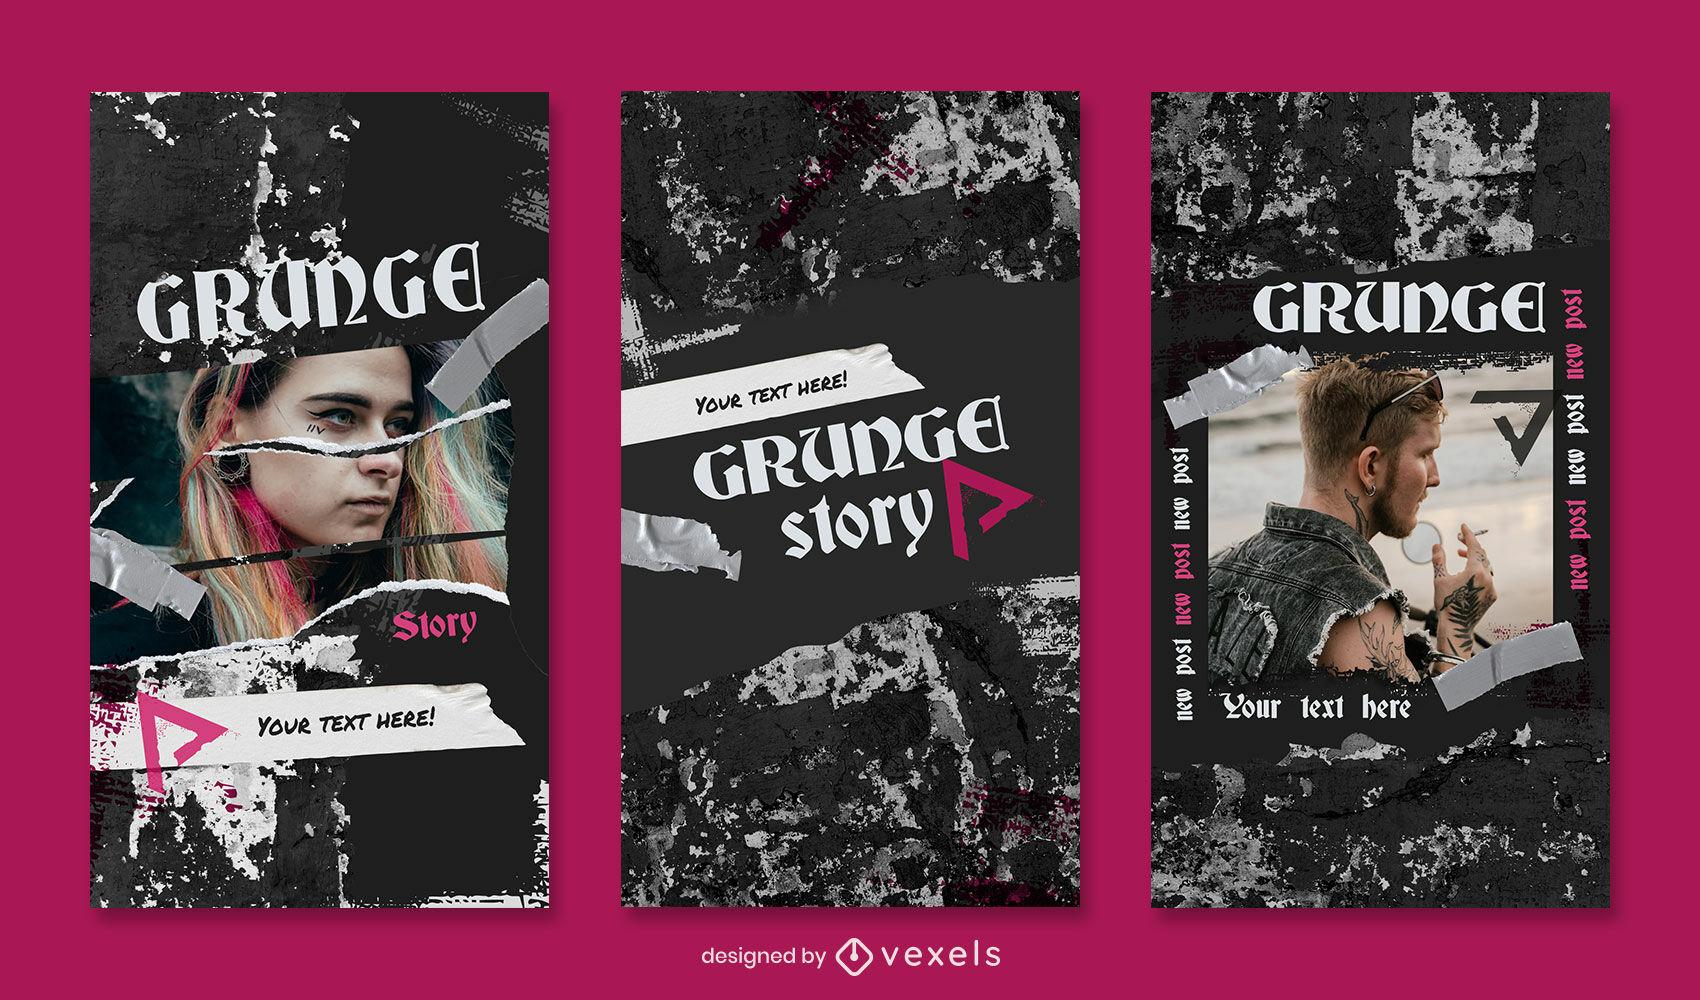 Grunge-Textur-Instagram-Story-Vorlage